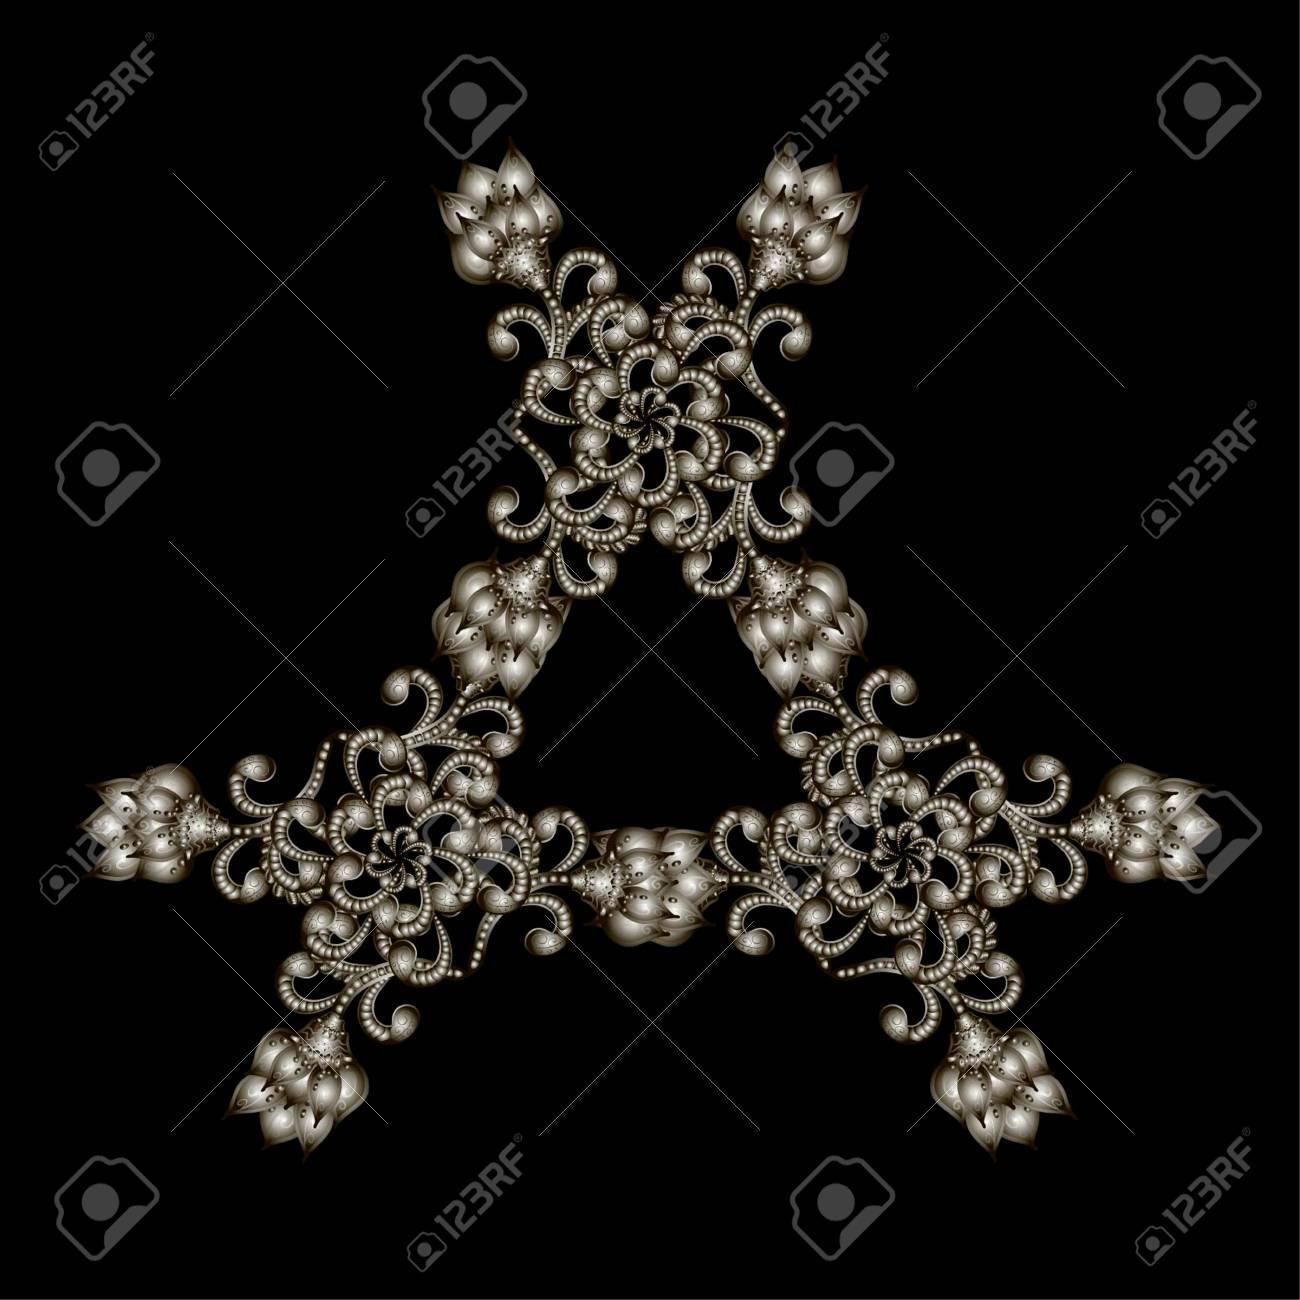 Cristalina Del Copo De Nieve Precioso. Hermosas Joyas, Medallón ...